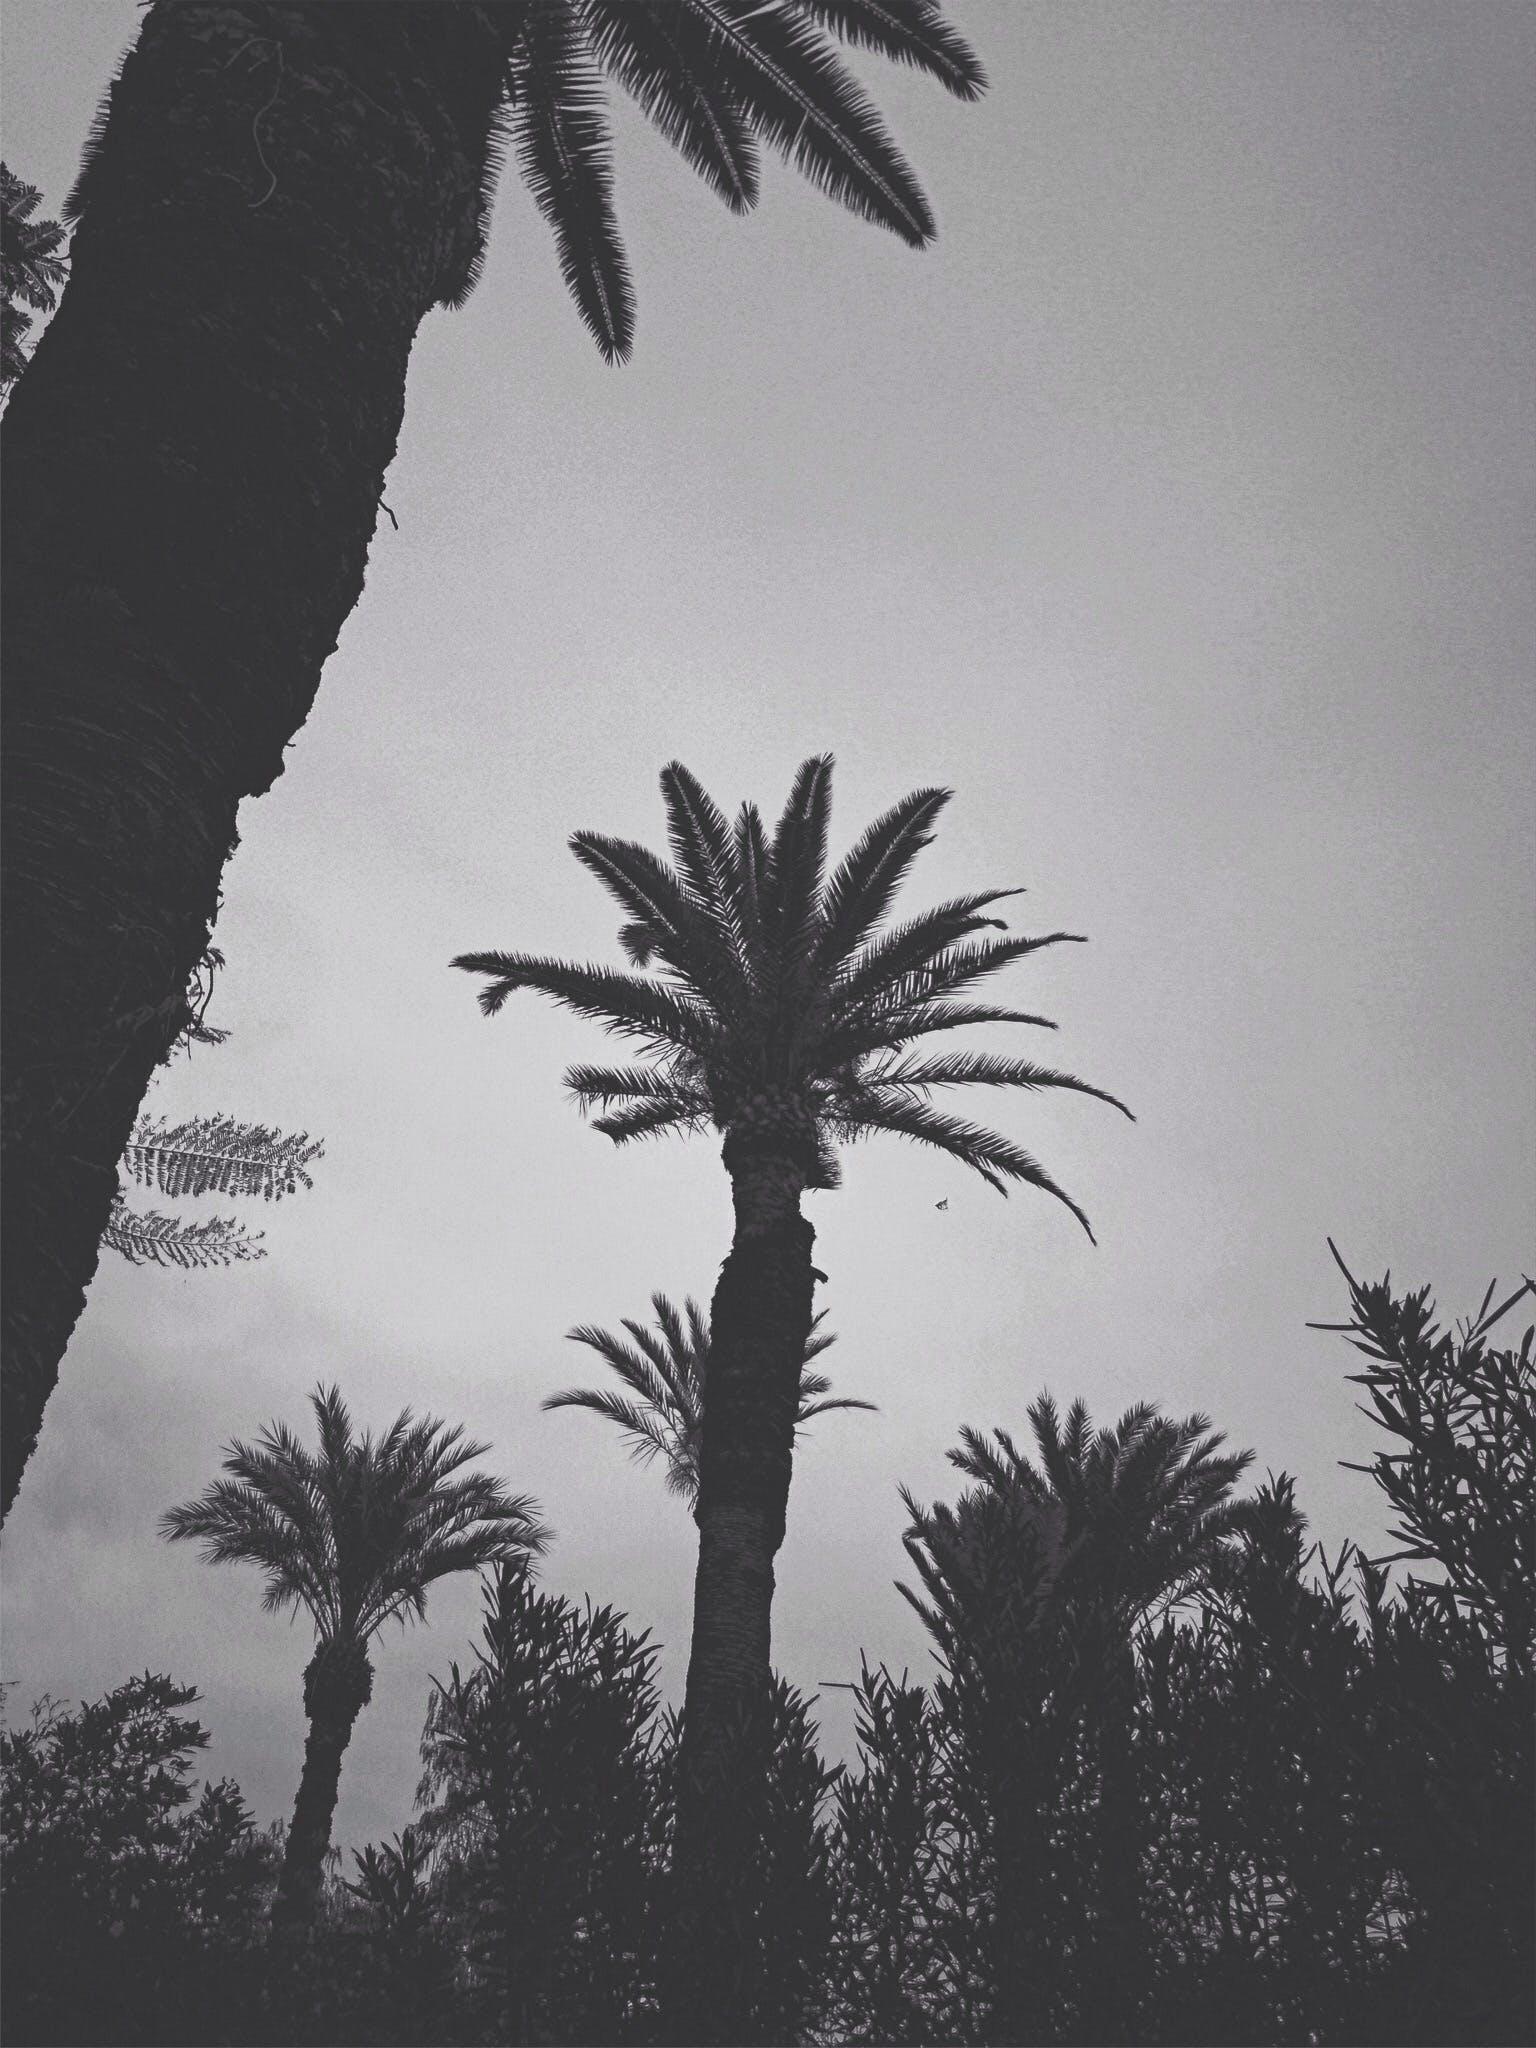 Kostenloses Stock Foto zu marrakesch, palmen